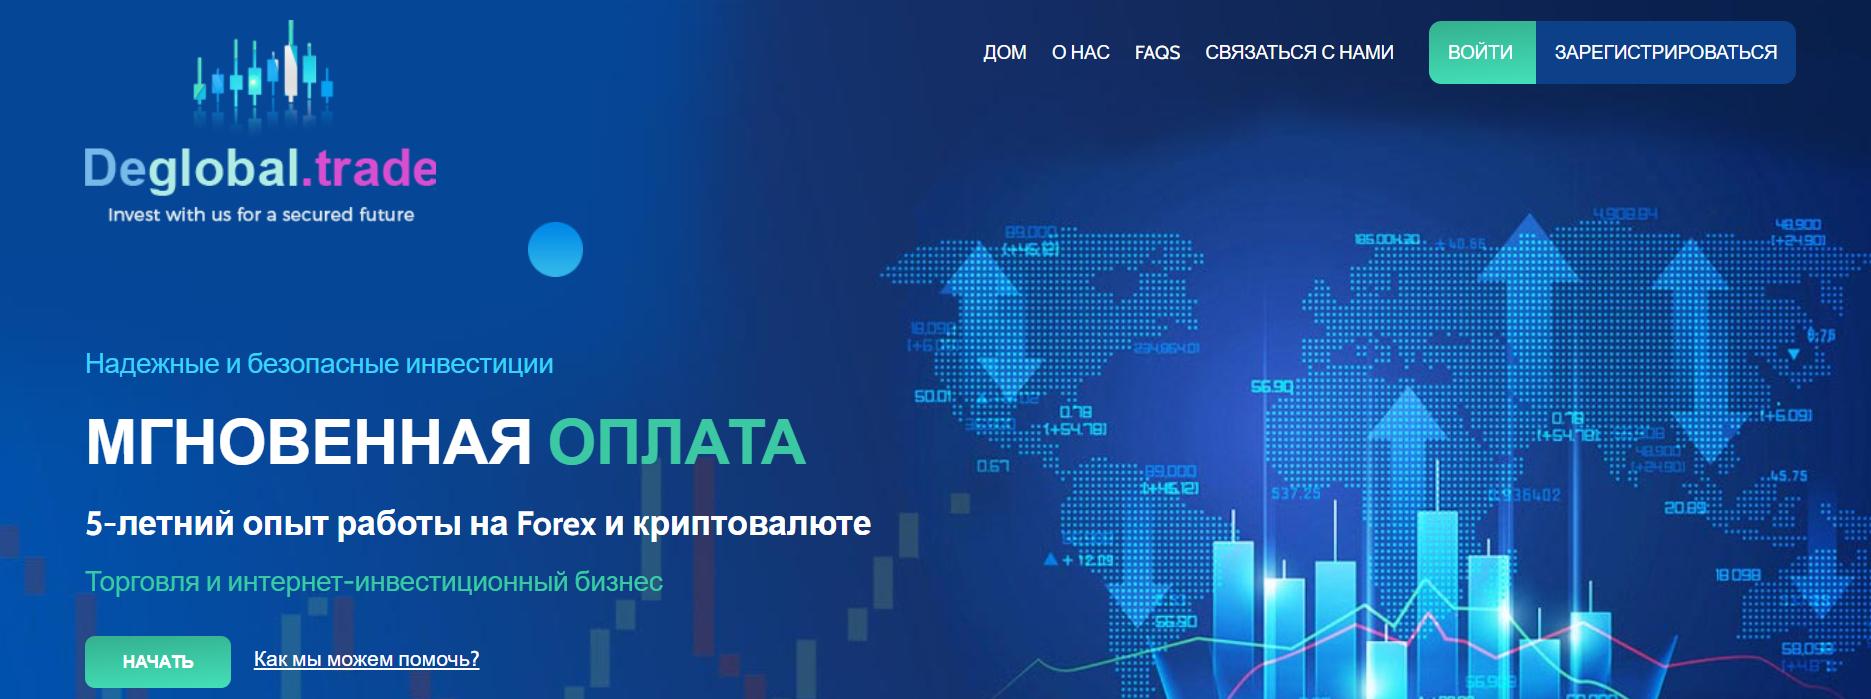 Отзывы о брокере De Global Trade Limited: стоит ли верить словам компании? реальные отзывы